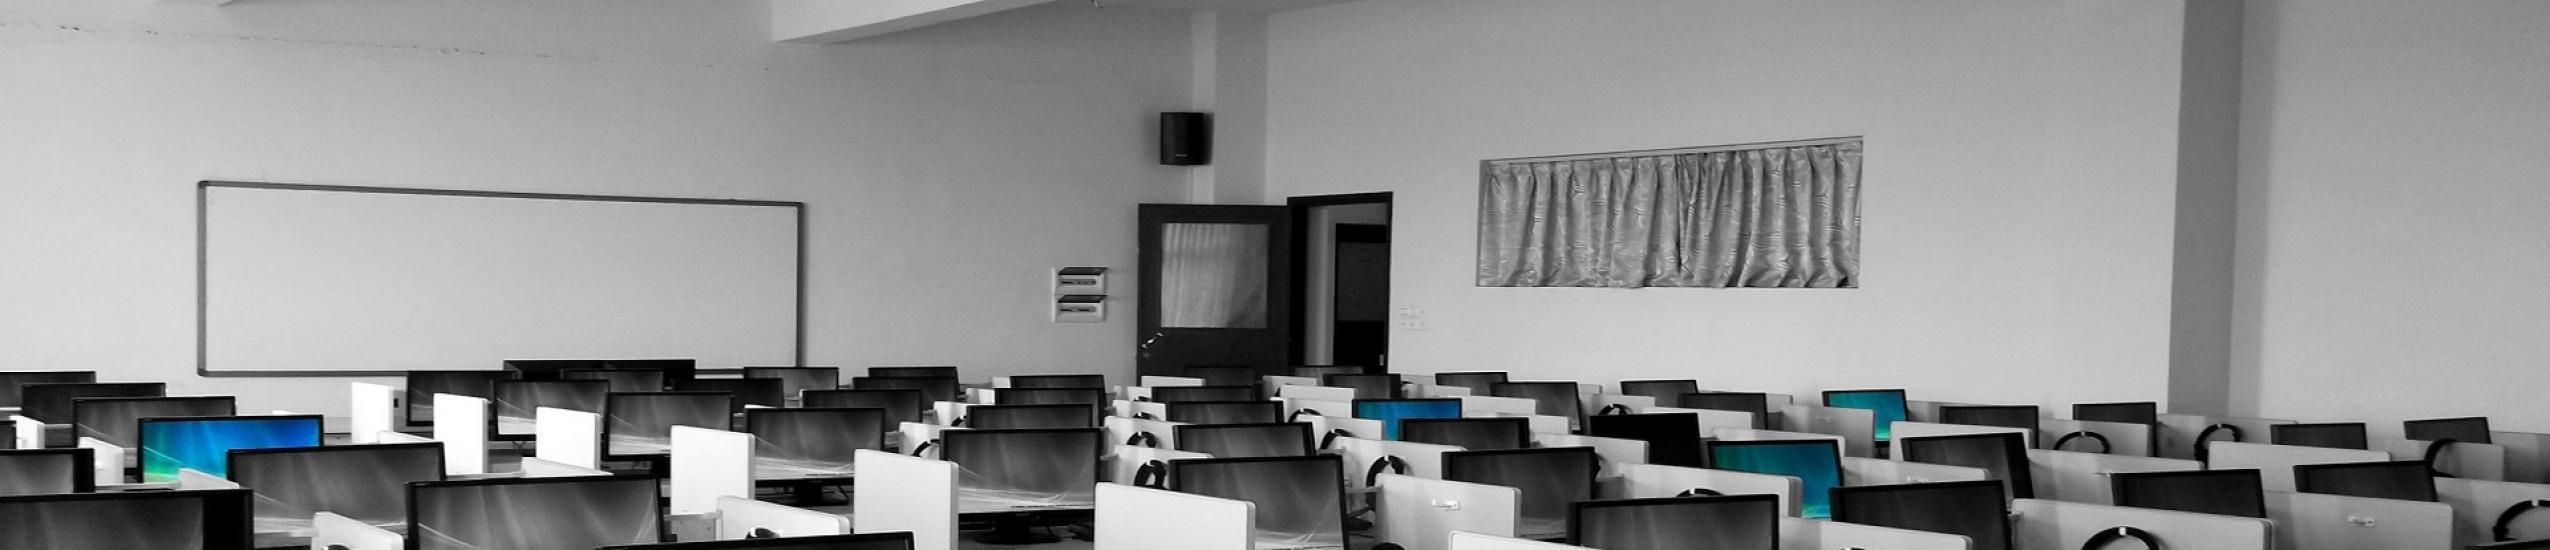 Gli edifici scolastici